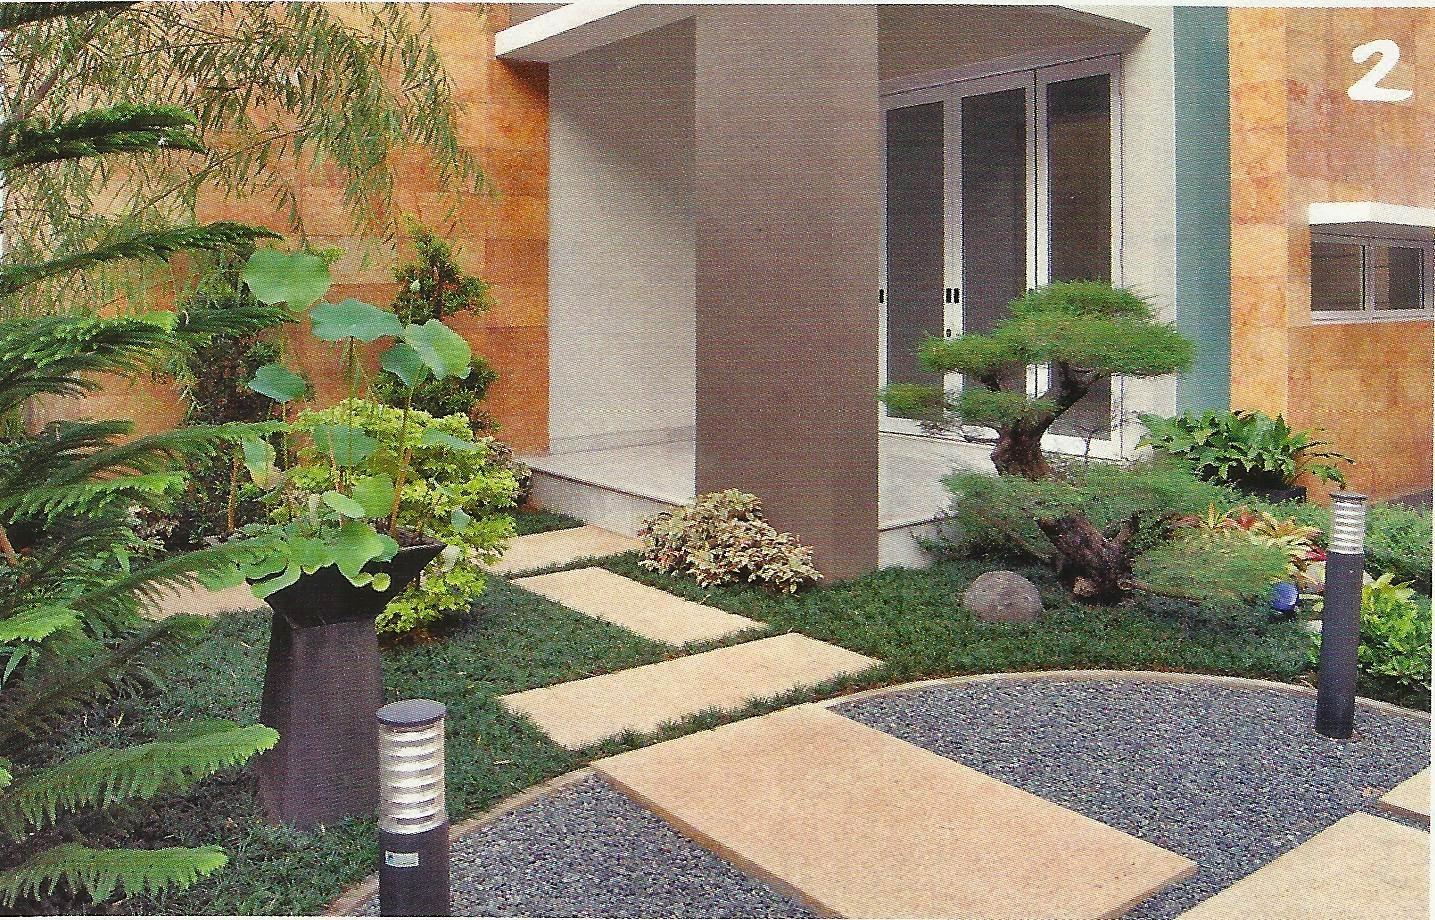 5 desain taman kecil depan rumah minimalis desain taman